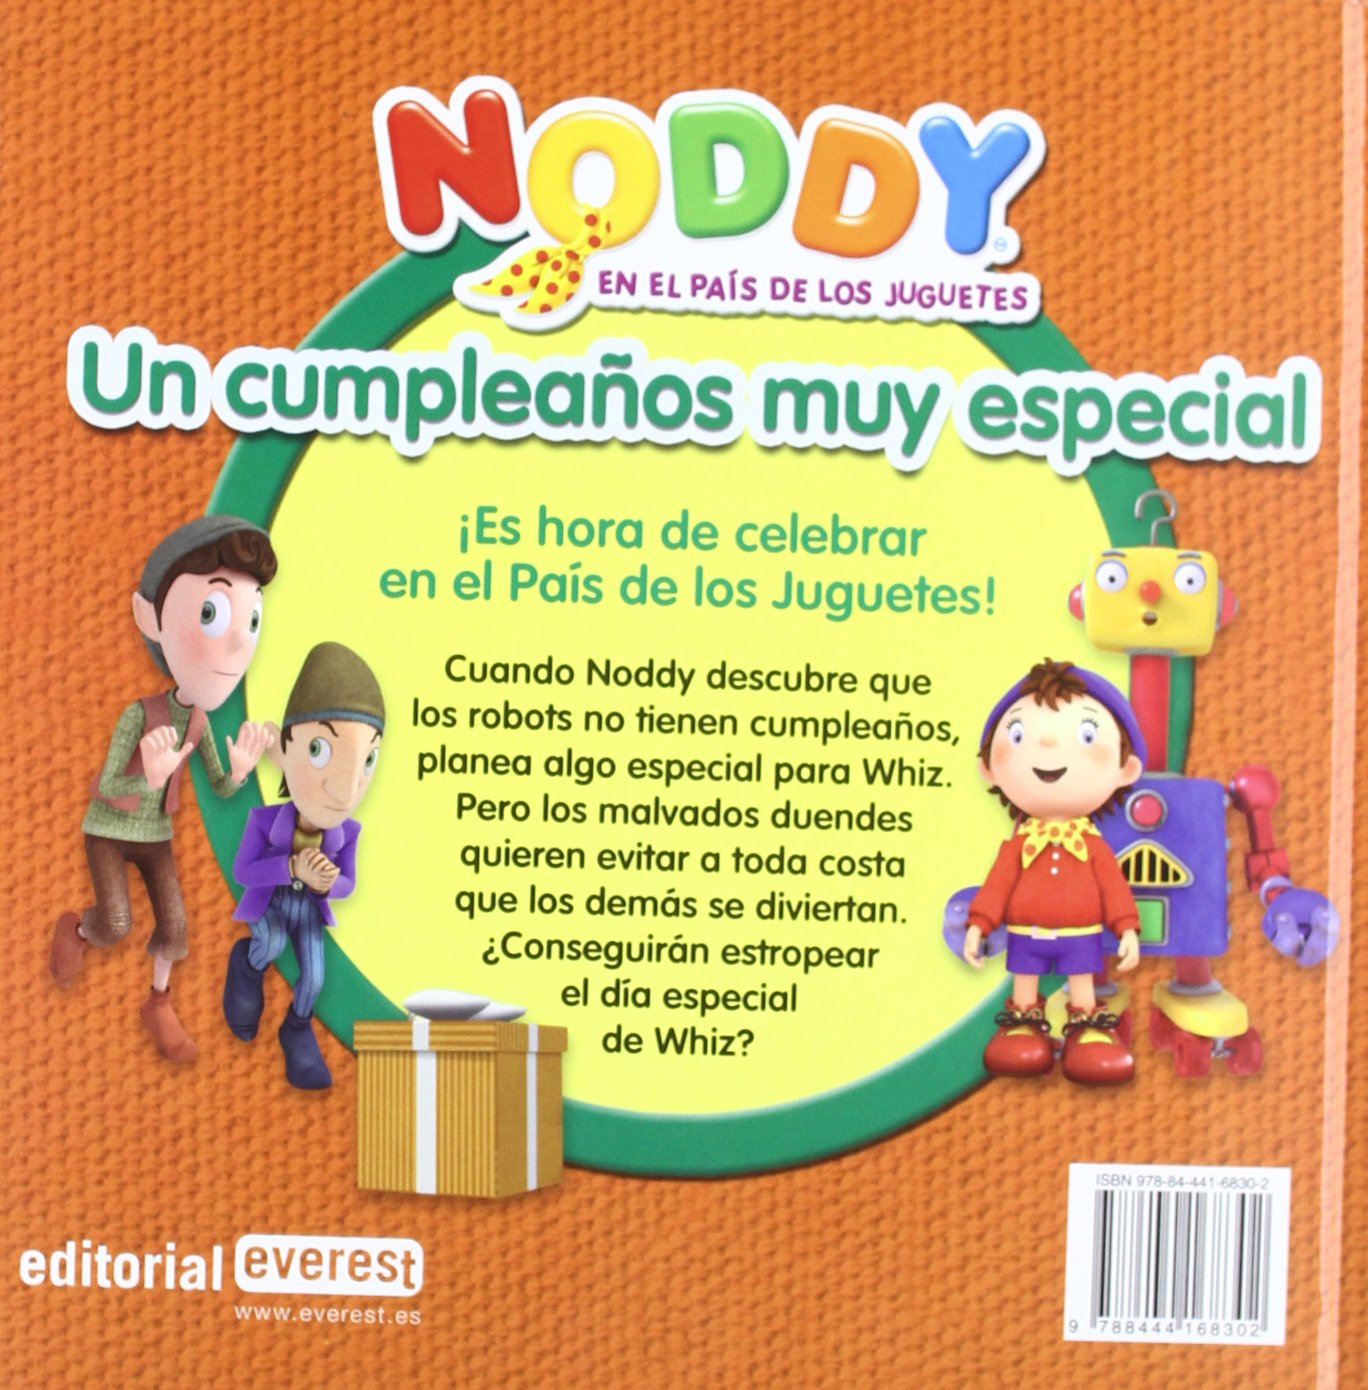 Noddy. Un cumpleaños muy especial: Editorial Everest ...